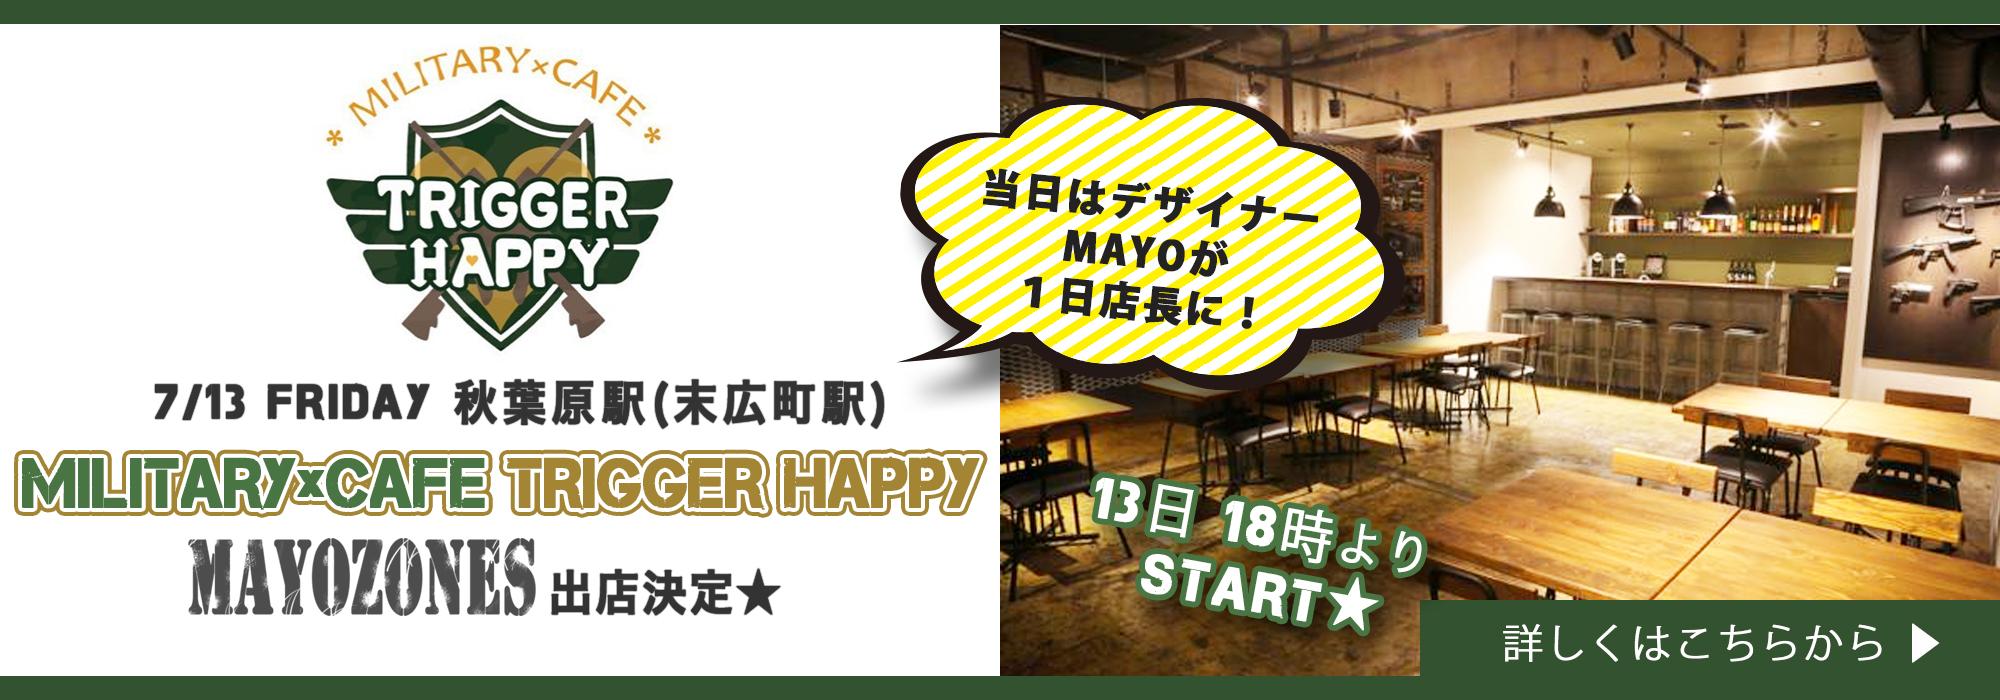 【出店情報】7月13日 秋葉原 TRIGGER HAPPY にて マヨゾネス商店出店決定!